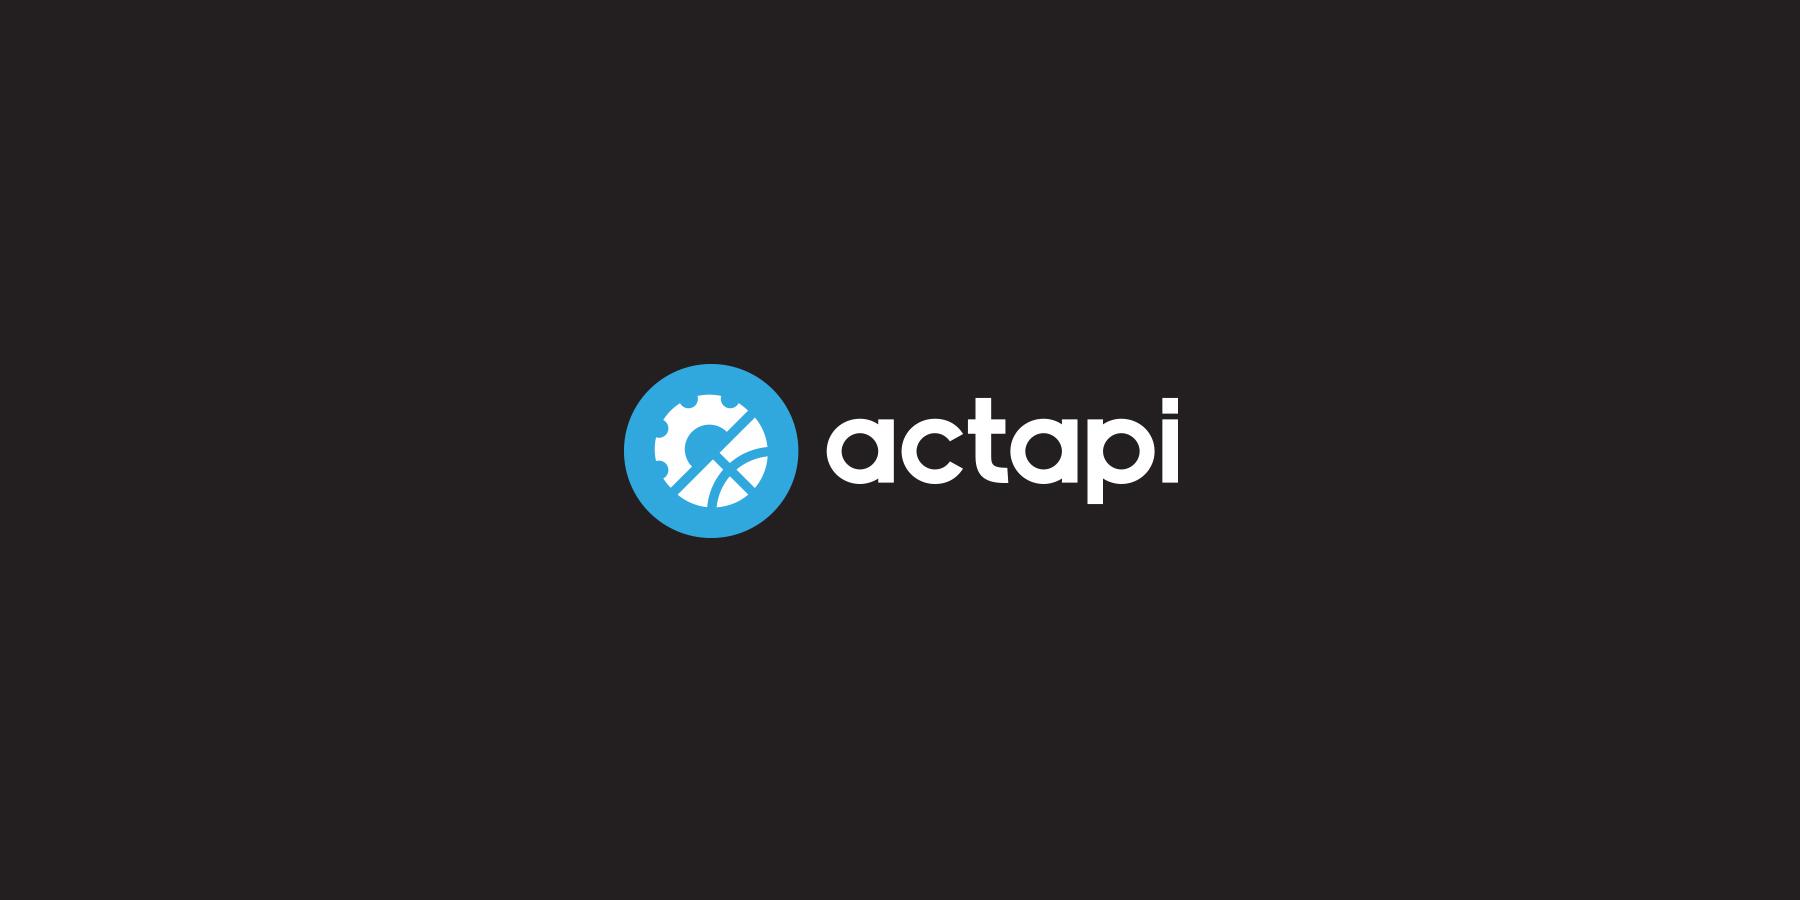 actapi-logo-design-04